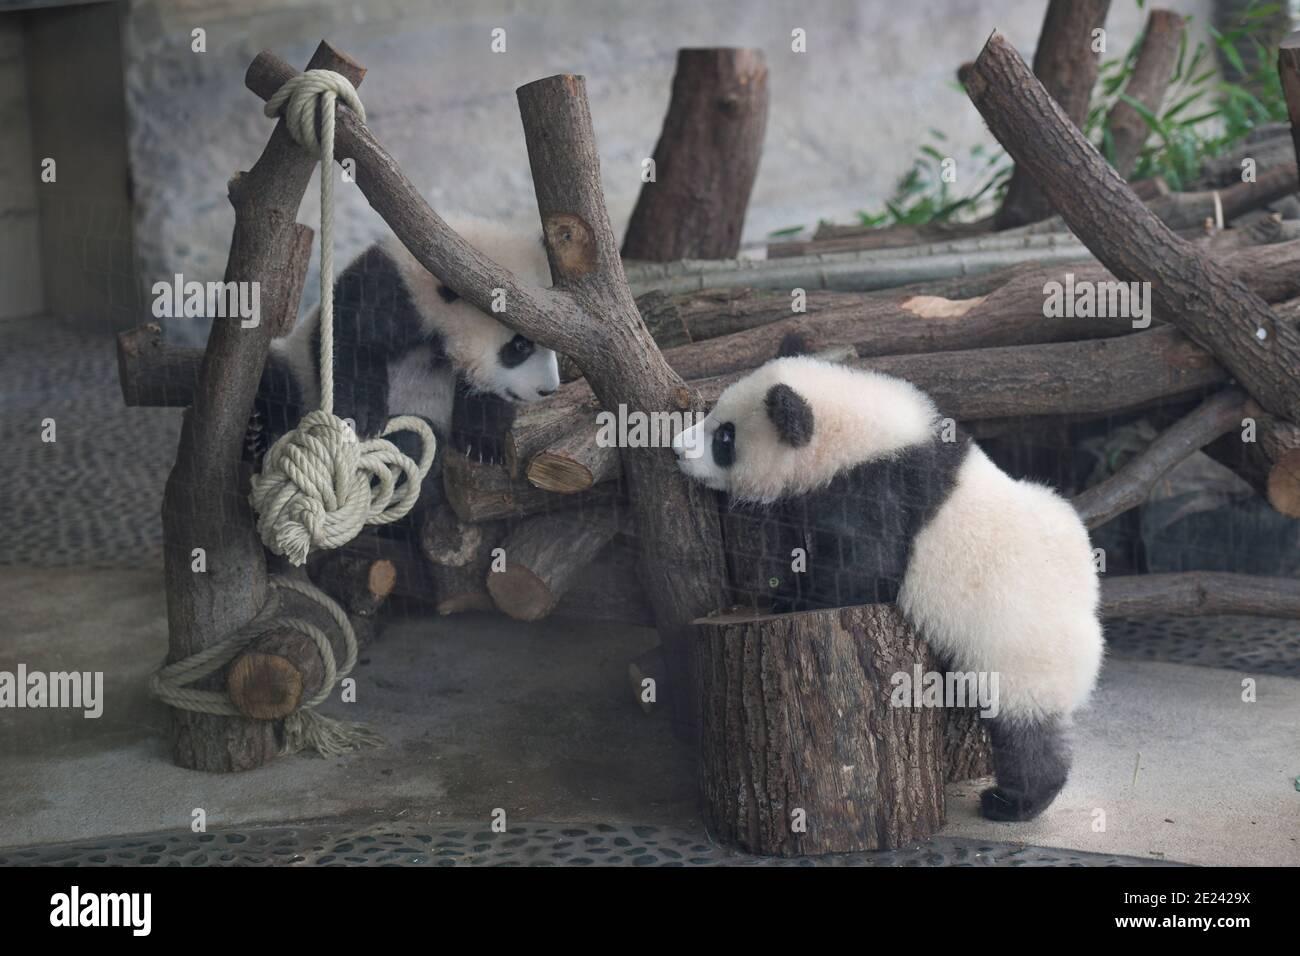 Berlin, 14.02.2020: Zwei Wochen nach dem Einzug der Pandas in ihr neues Gehege kehrt Normalität ein. Die Zwillinge Meng Xiang und Meng Yuan alias Pit Stock Photo